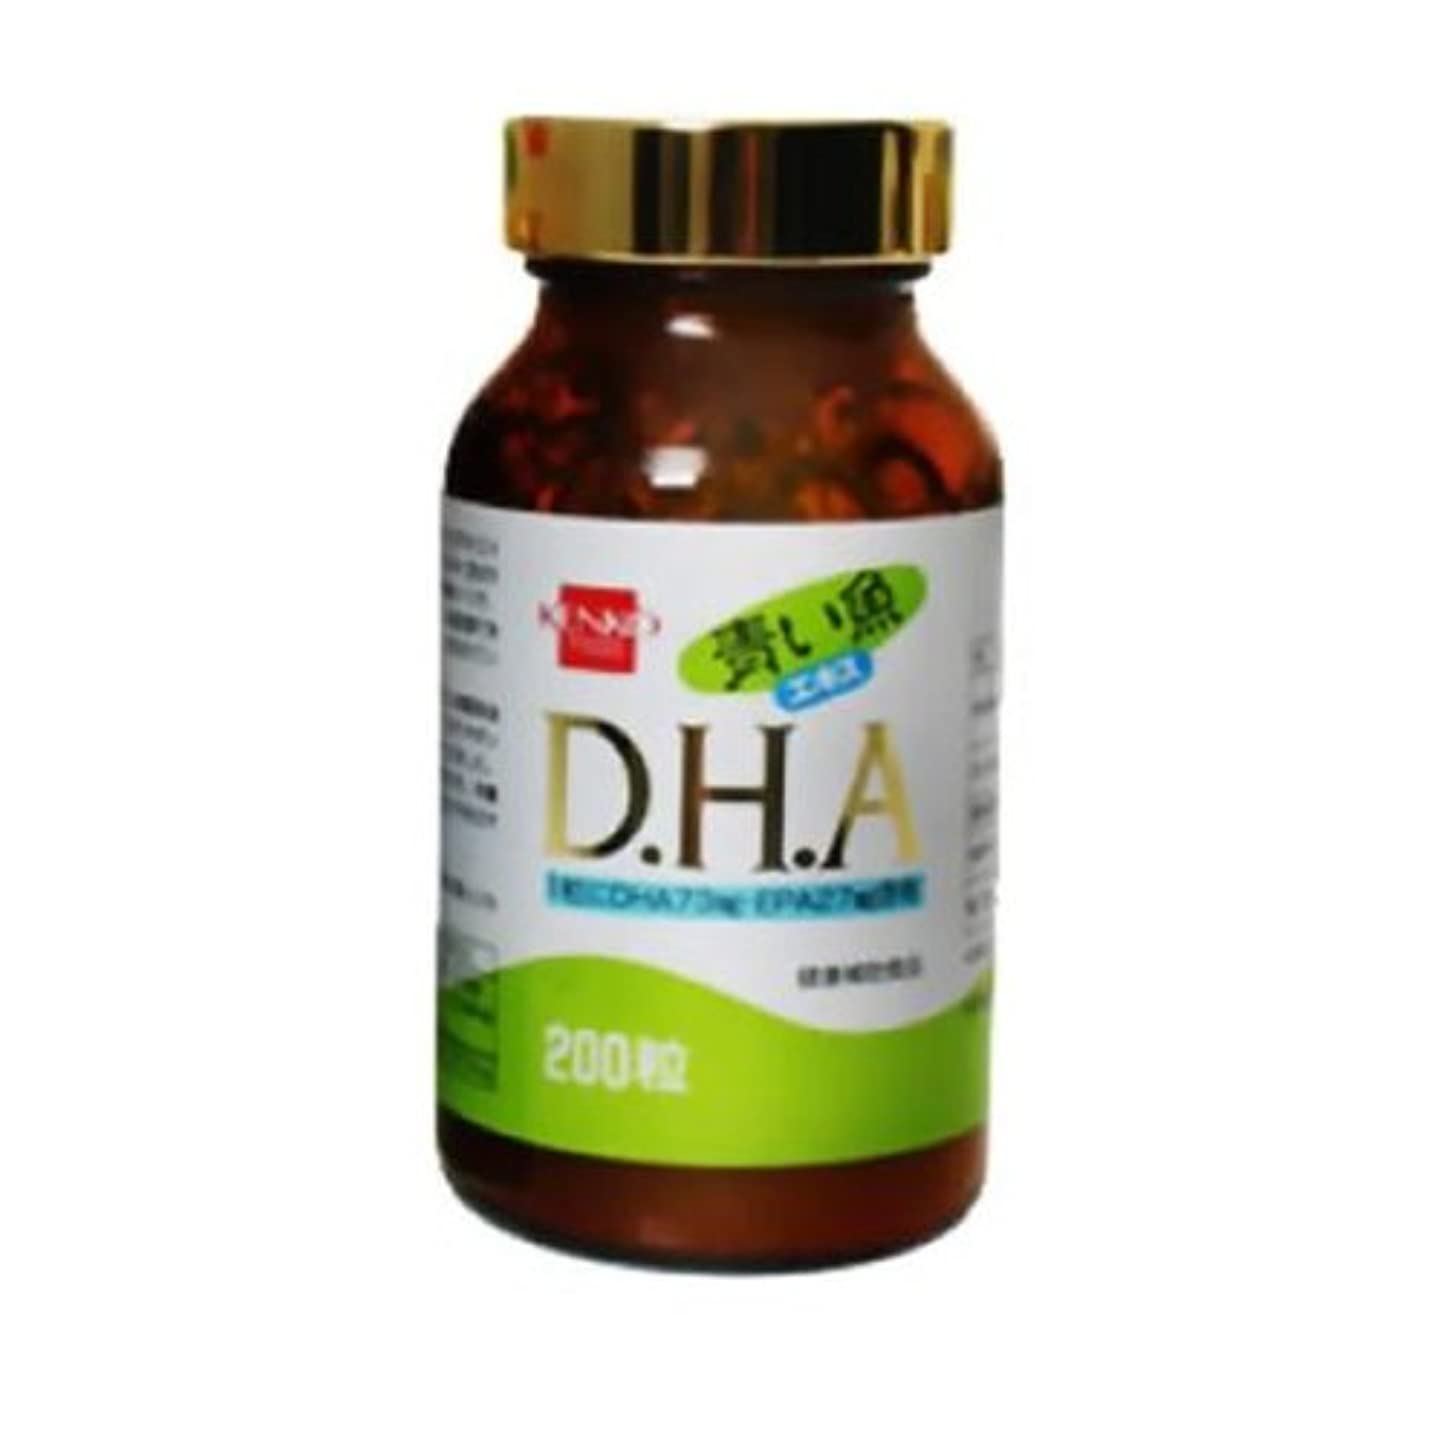 お香放置全く青い魚エキス DHA EPA 200粒